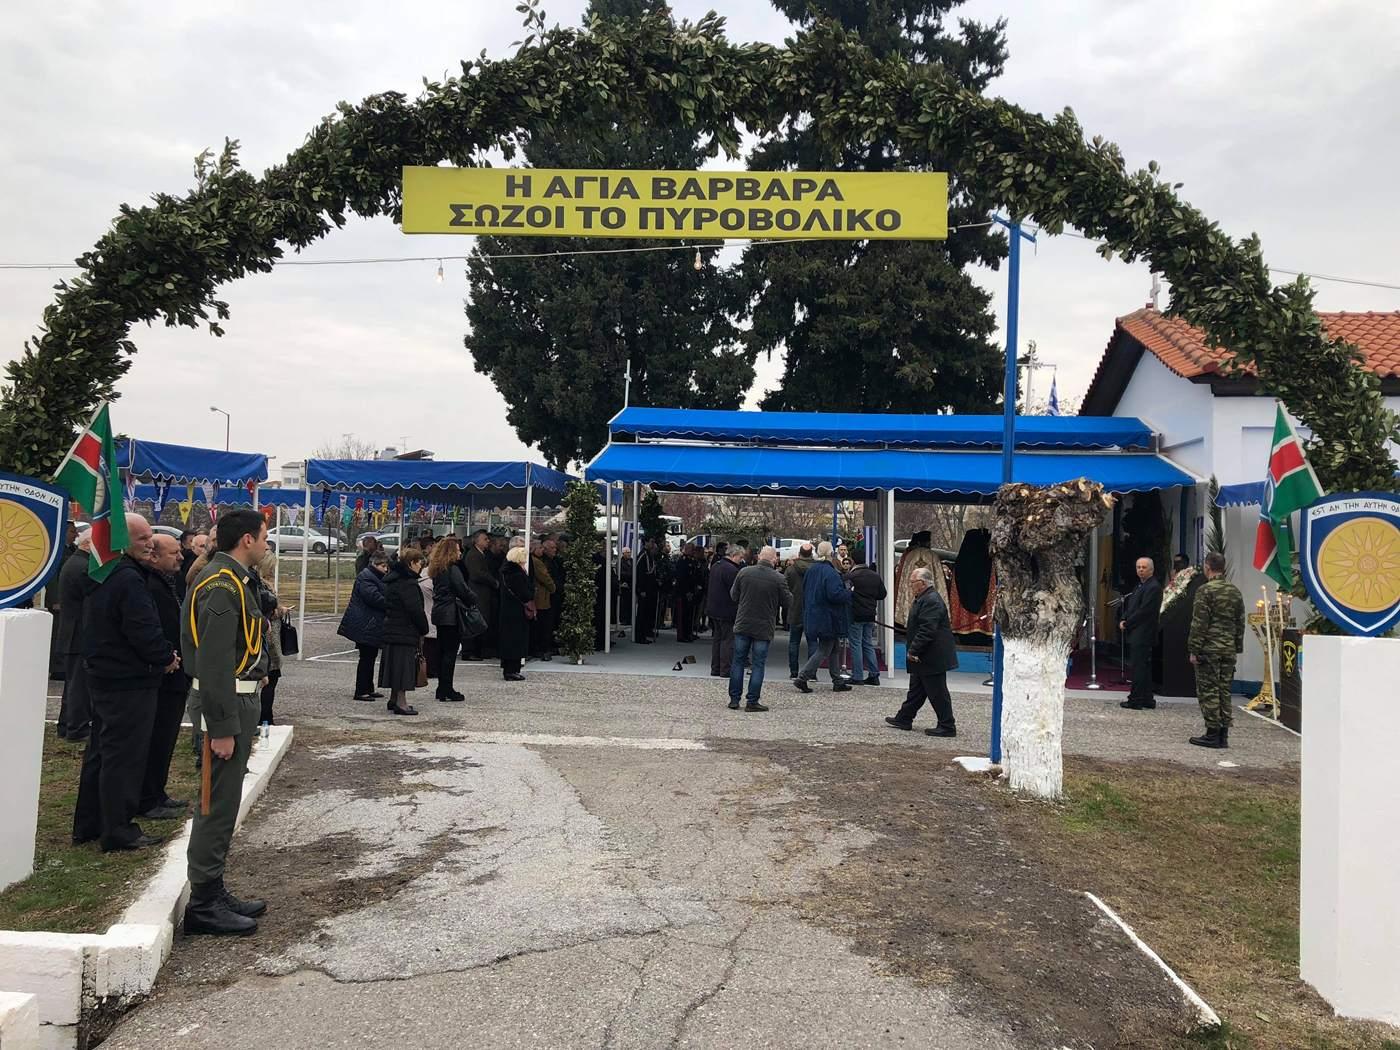 Γιορτάστηκε η Προστάτιδα του Πυροβολικού Αγία Βαρβάρα στη Λάρισα (φωτό)